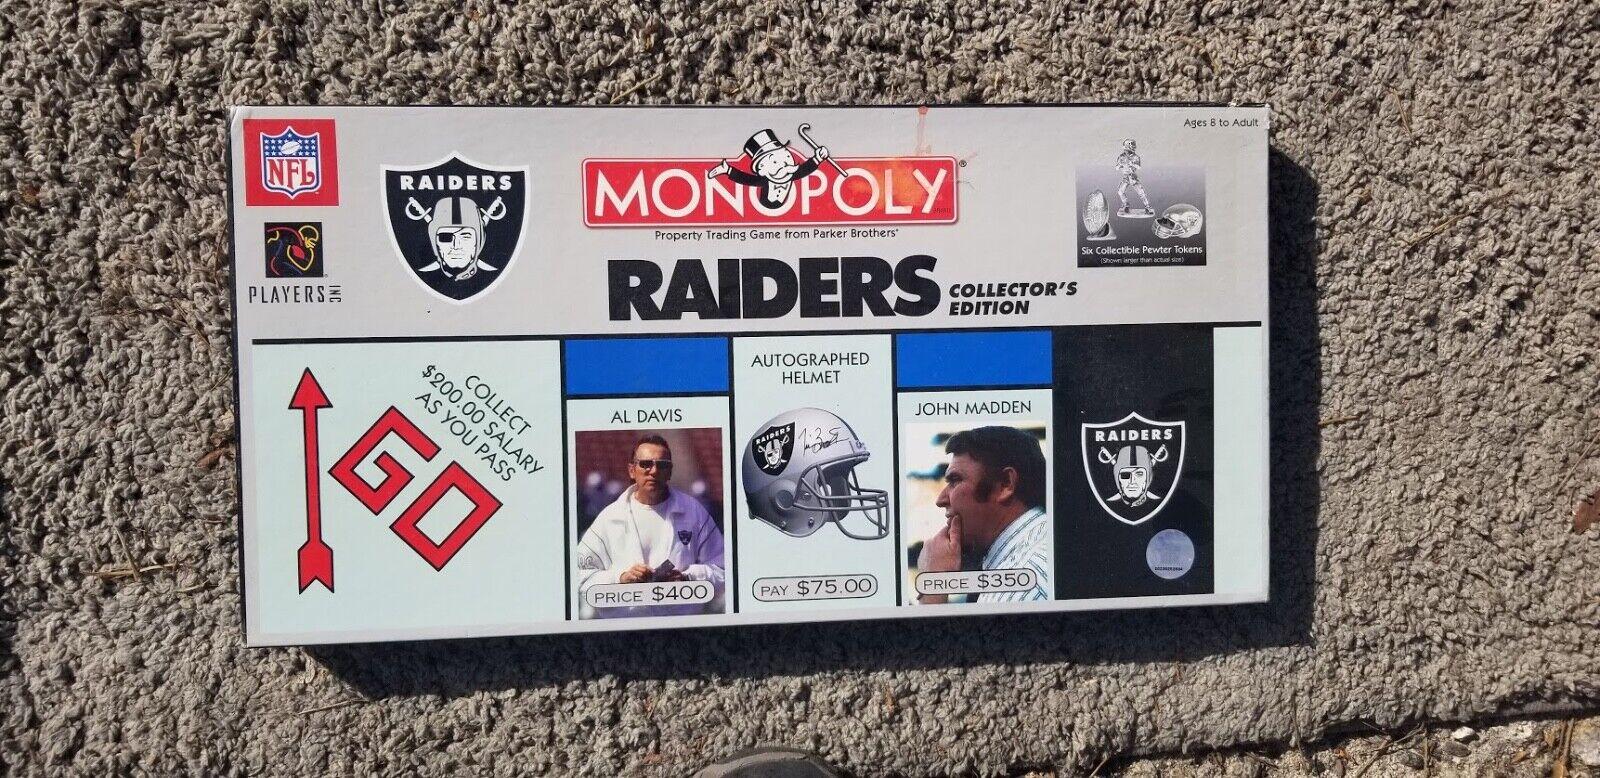 ofreciendo 100% NFL Collectors Edition Monopolio Monopolio Monopolio Oakland Raiders NFL Equipo  2008 (sin jugar)  sin mínimo